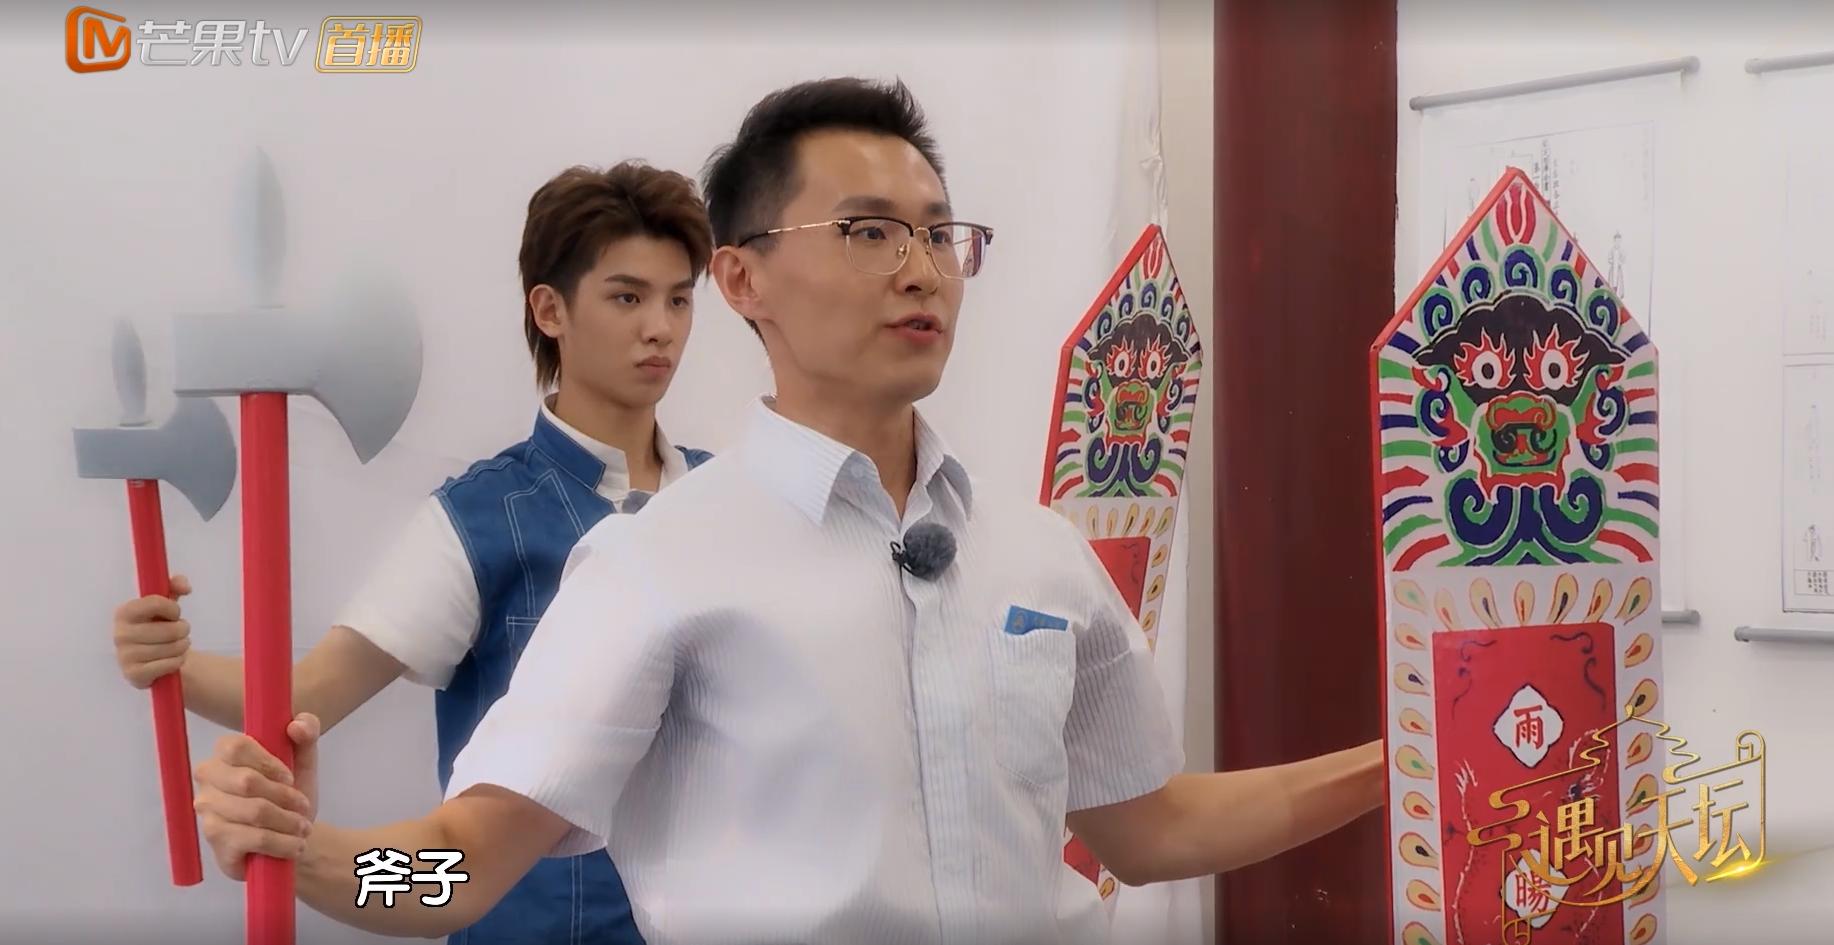 黄明昊舞蹈动作出错被批评,谁注意他小声嘟囔的2字?粉丝心疼了